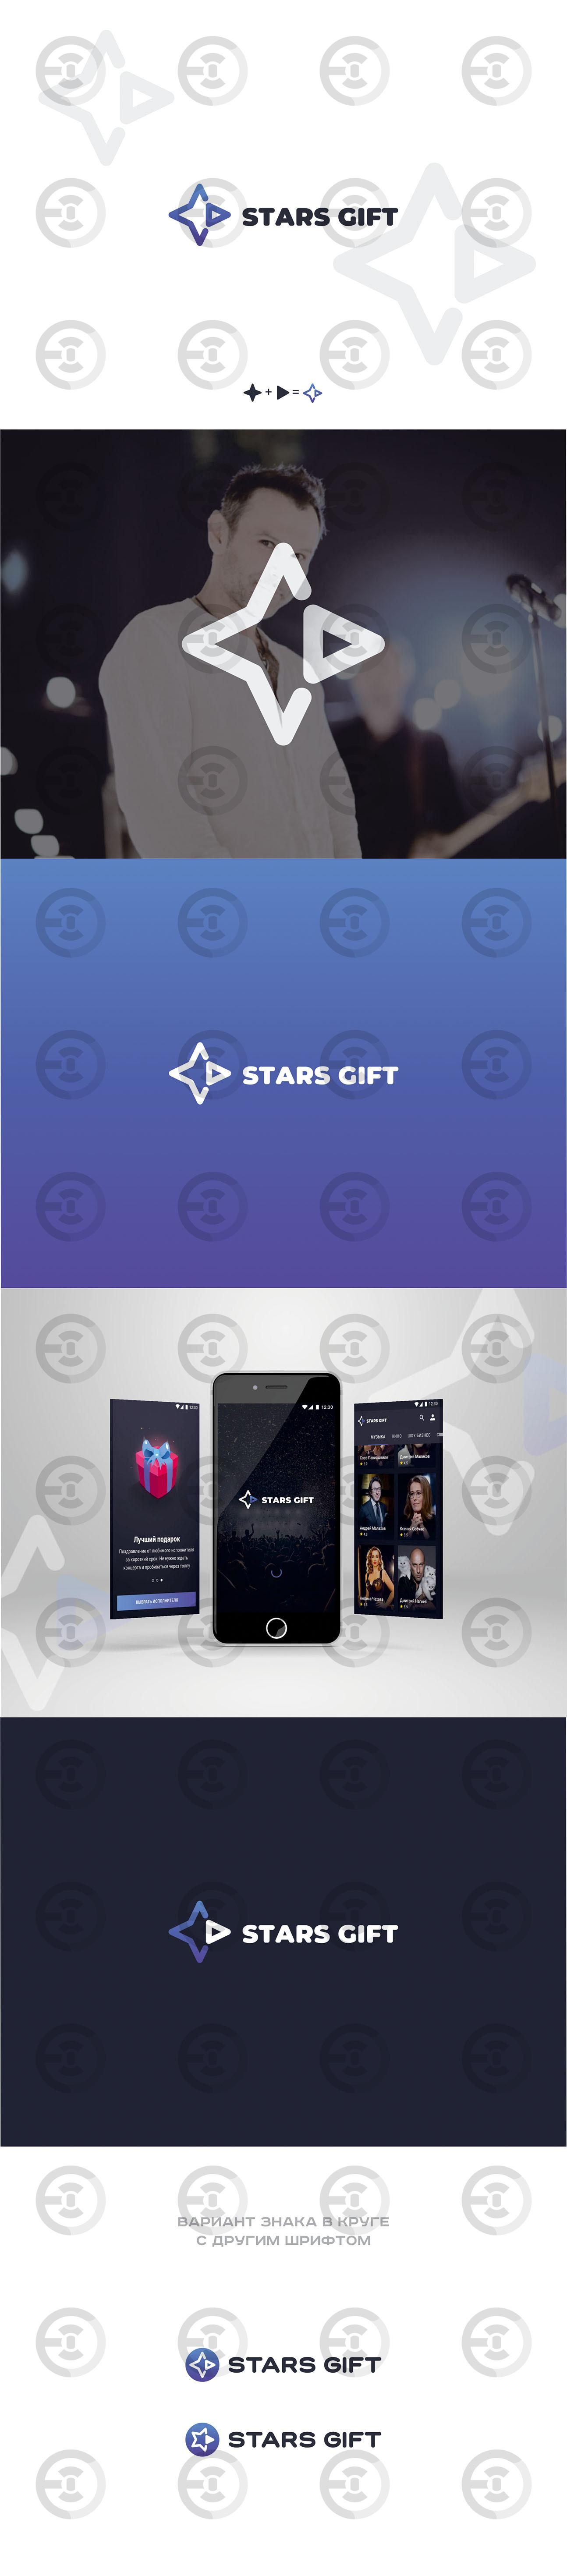 Stars Gift.jpg